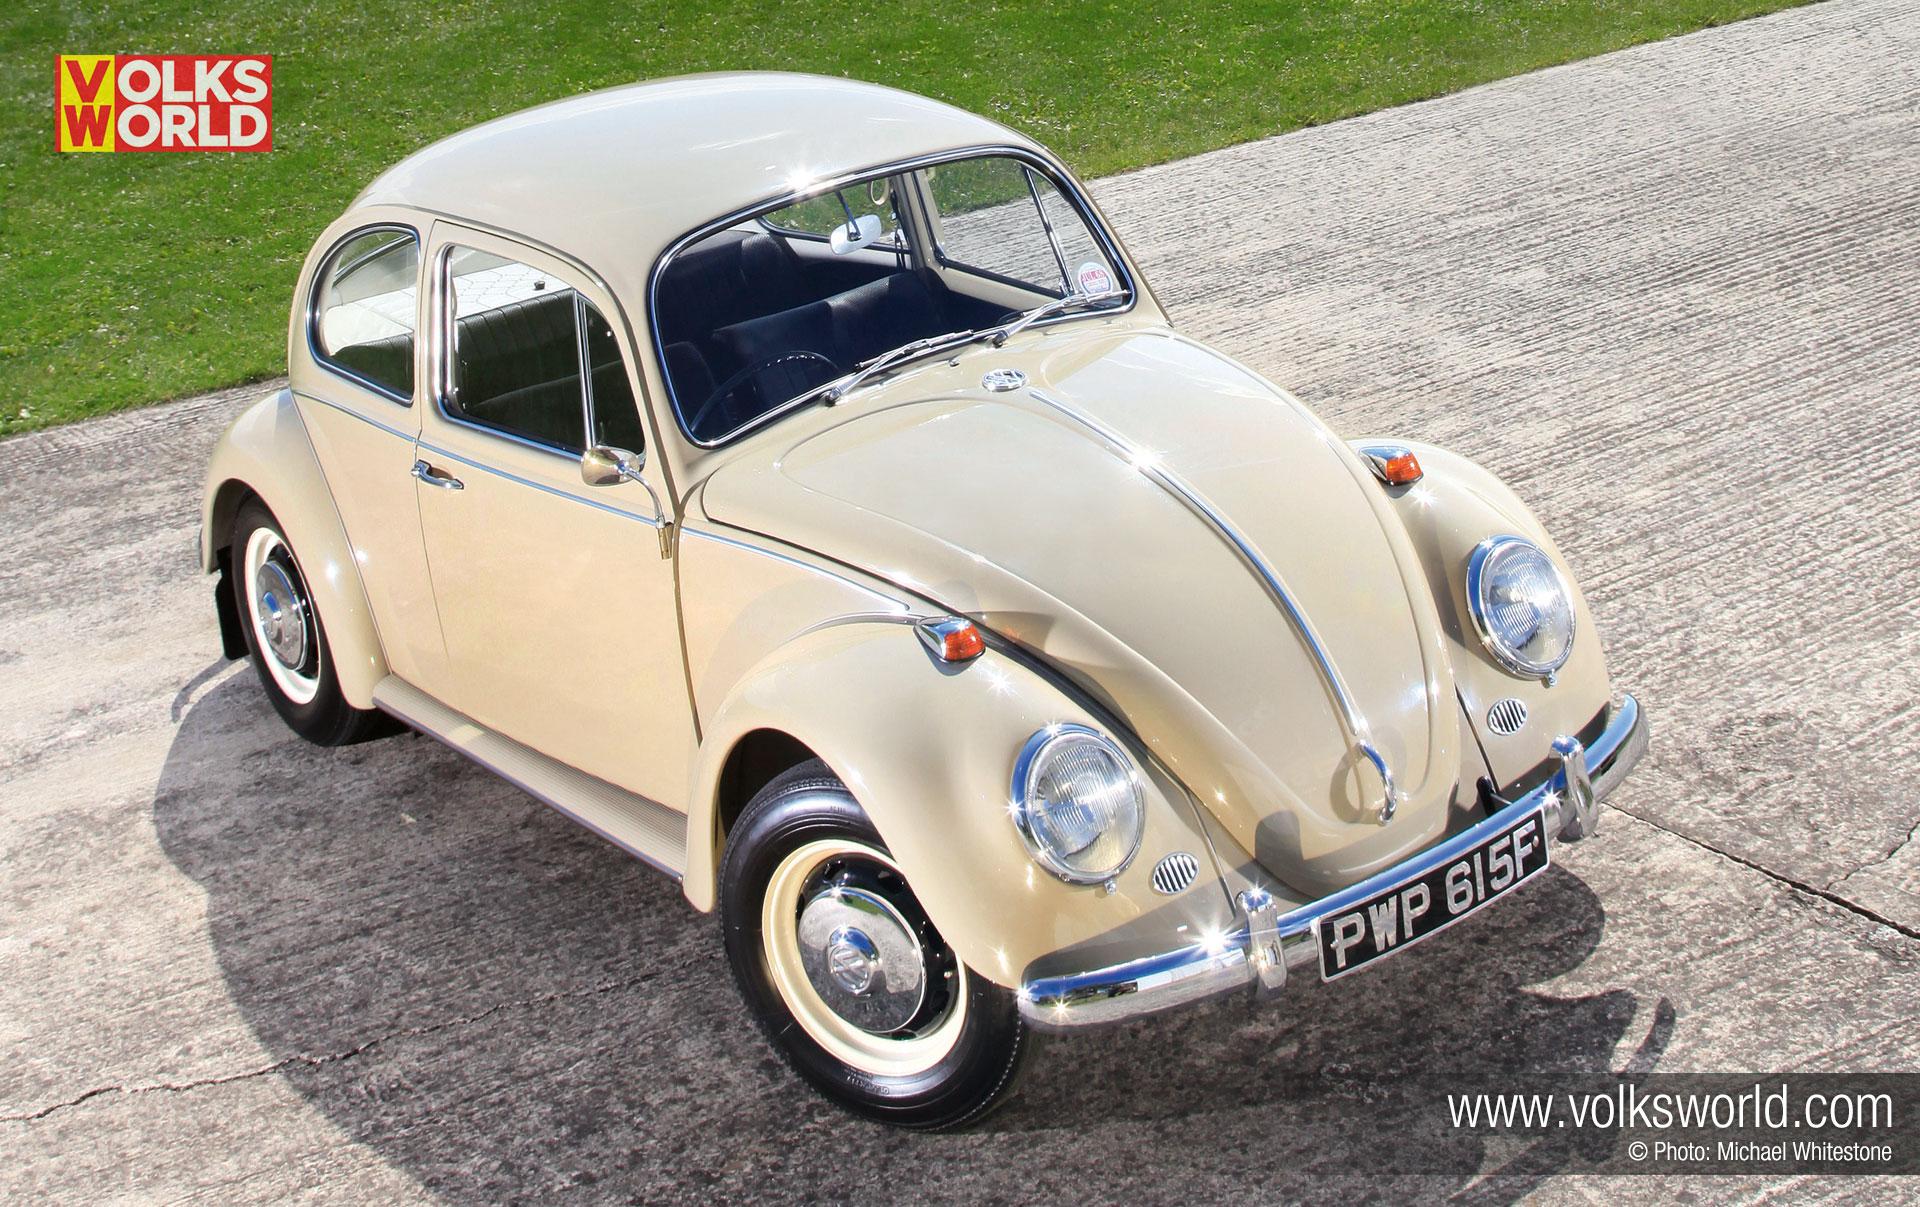 1967-1500-volkswagen-beetle-desktop-wallpaper-01